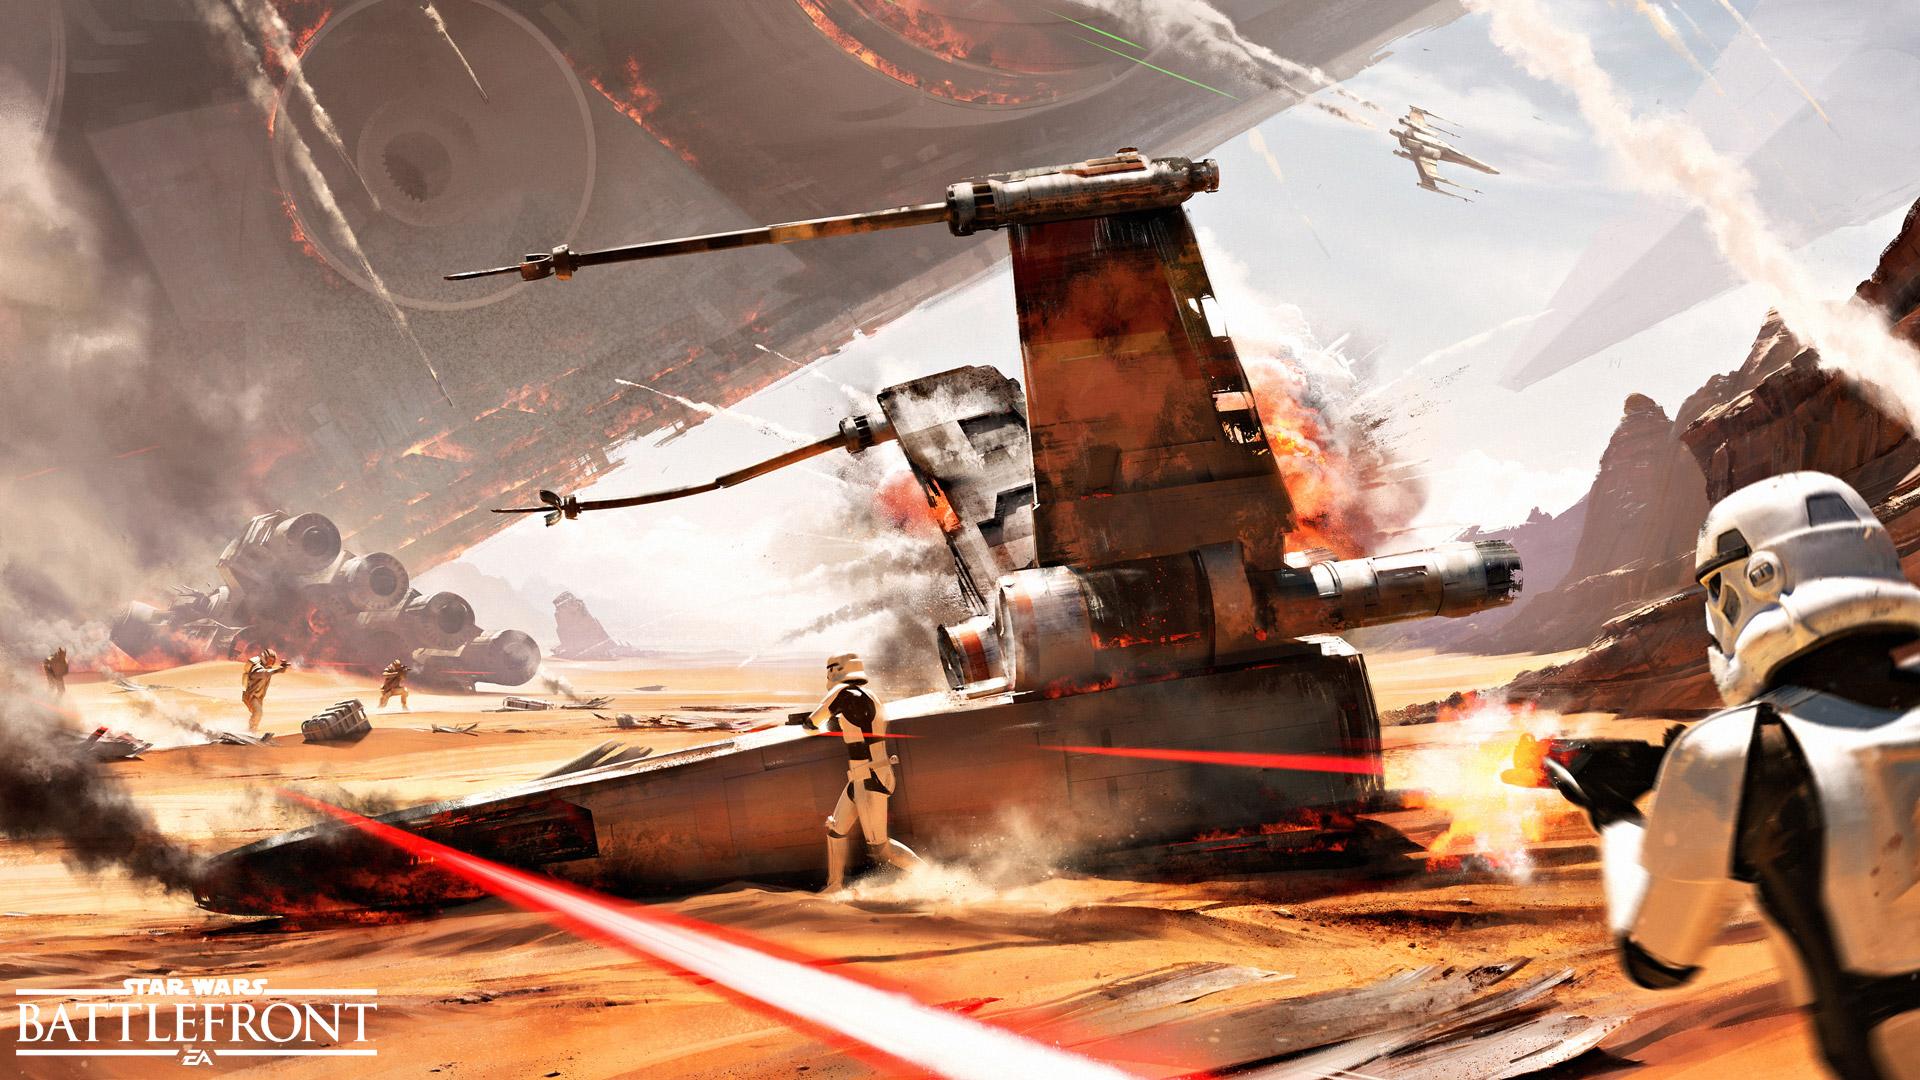 Výtvarný návrh z rozšíření Battle of Jakku